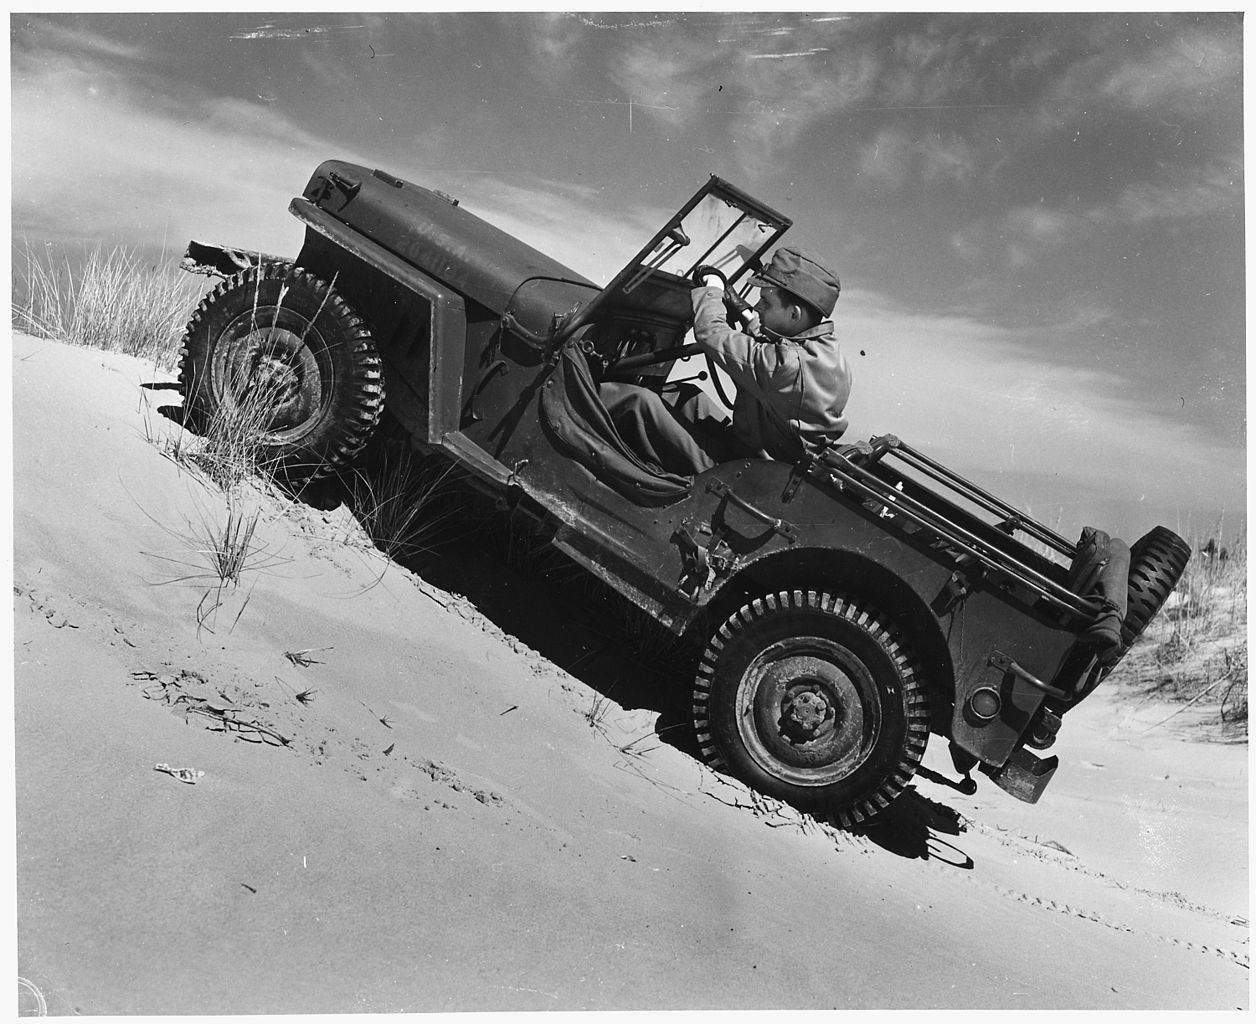 1256px - Une Jeep Ford GPW et sa remorque Bantam à Potsdam, Allemagne, le 14 juillet 1945ù